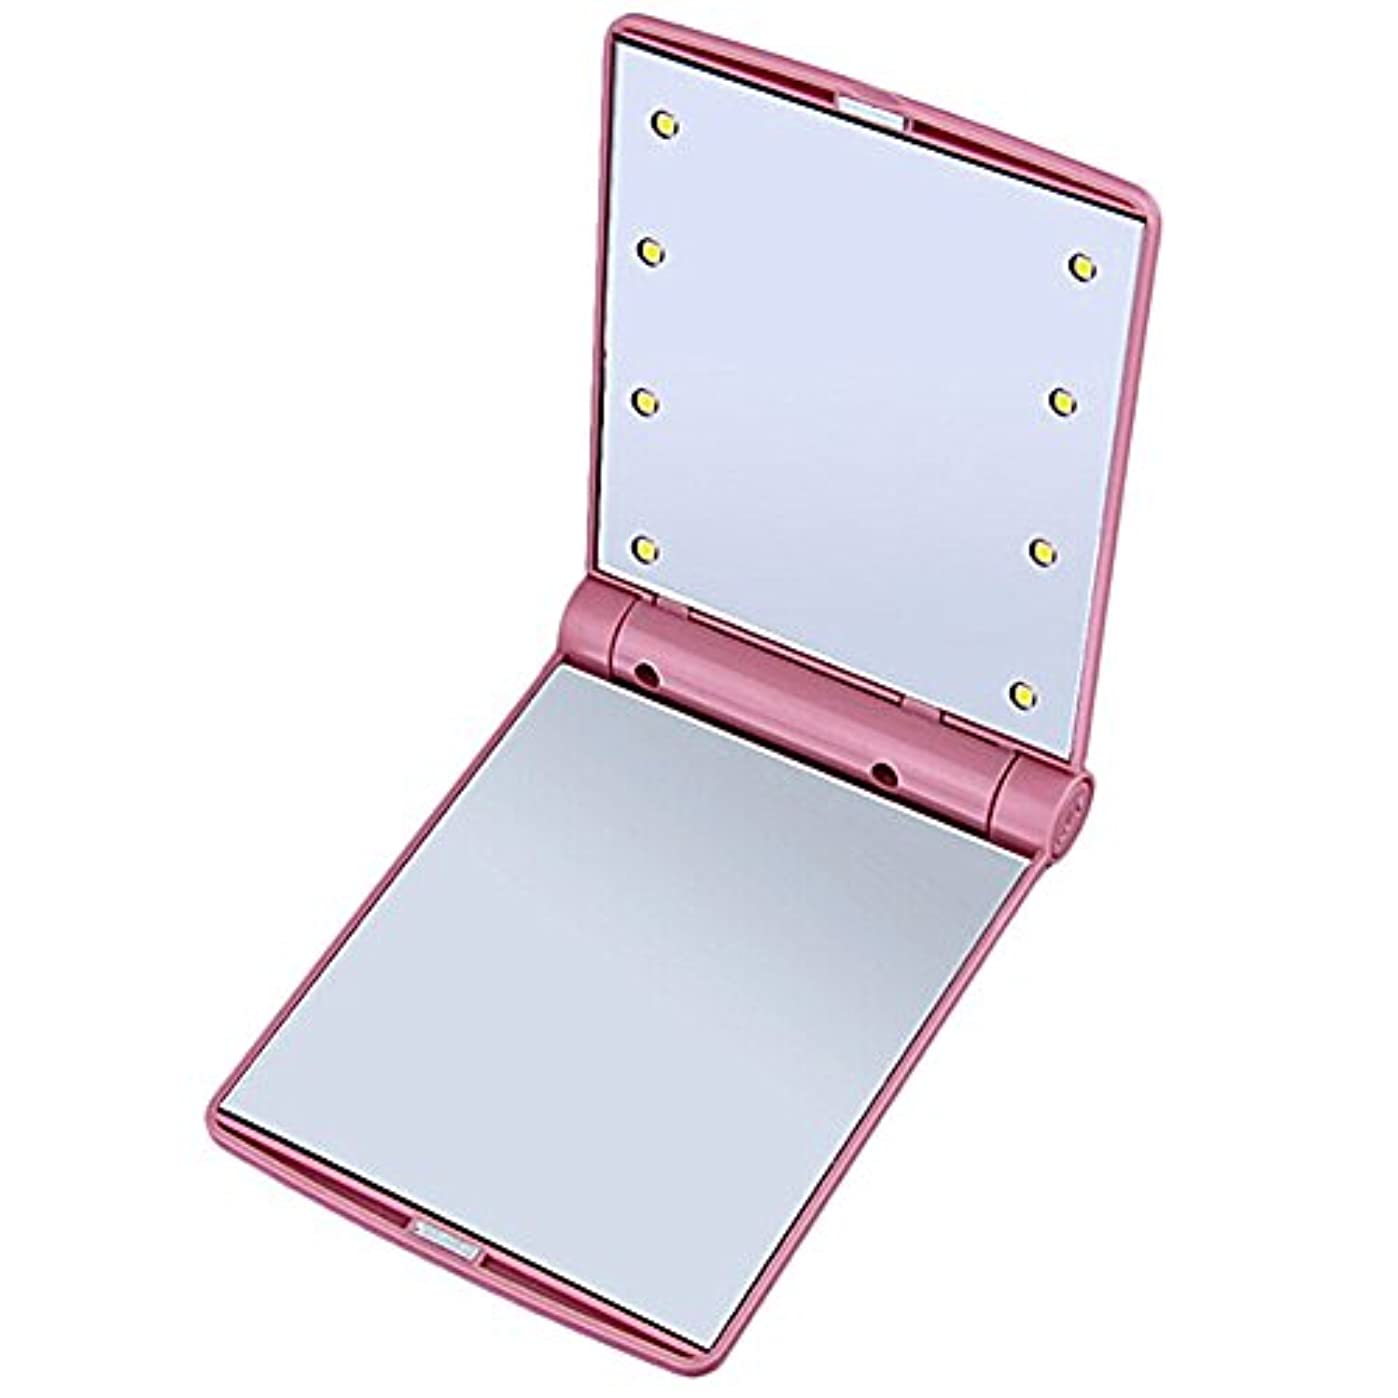 伝えるフラップどちらかQIAONAI 鏡 化粧鏡  LEDライト付き  コンパクトミラー 化粧鏡  LEDミラー  女優ミラー  折りたたみ式 二面鏡  スタンドミラー   コンパクト  LEDライト8個 女性